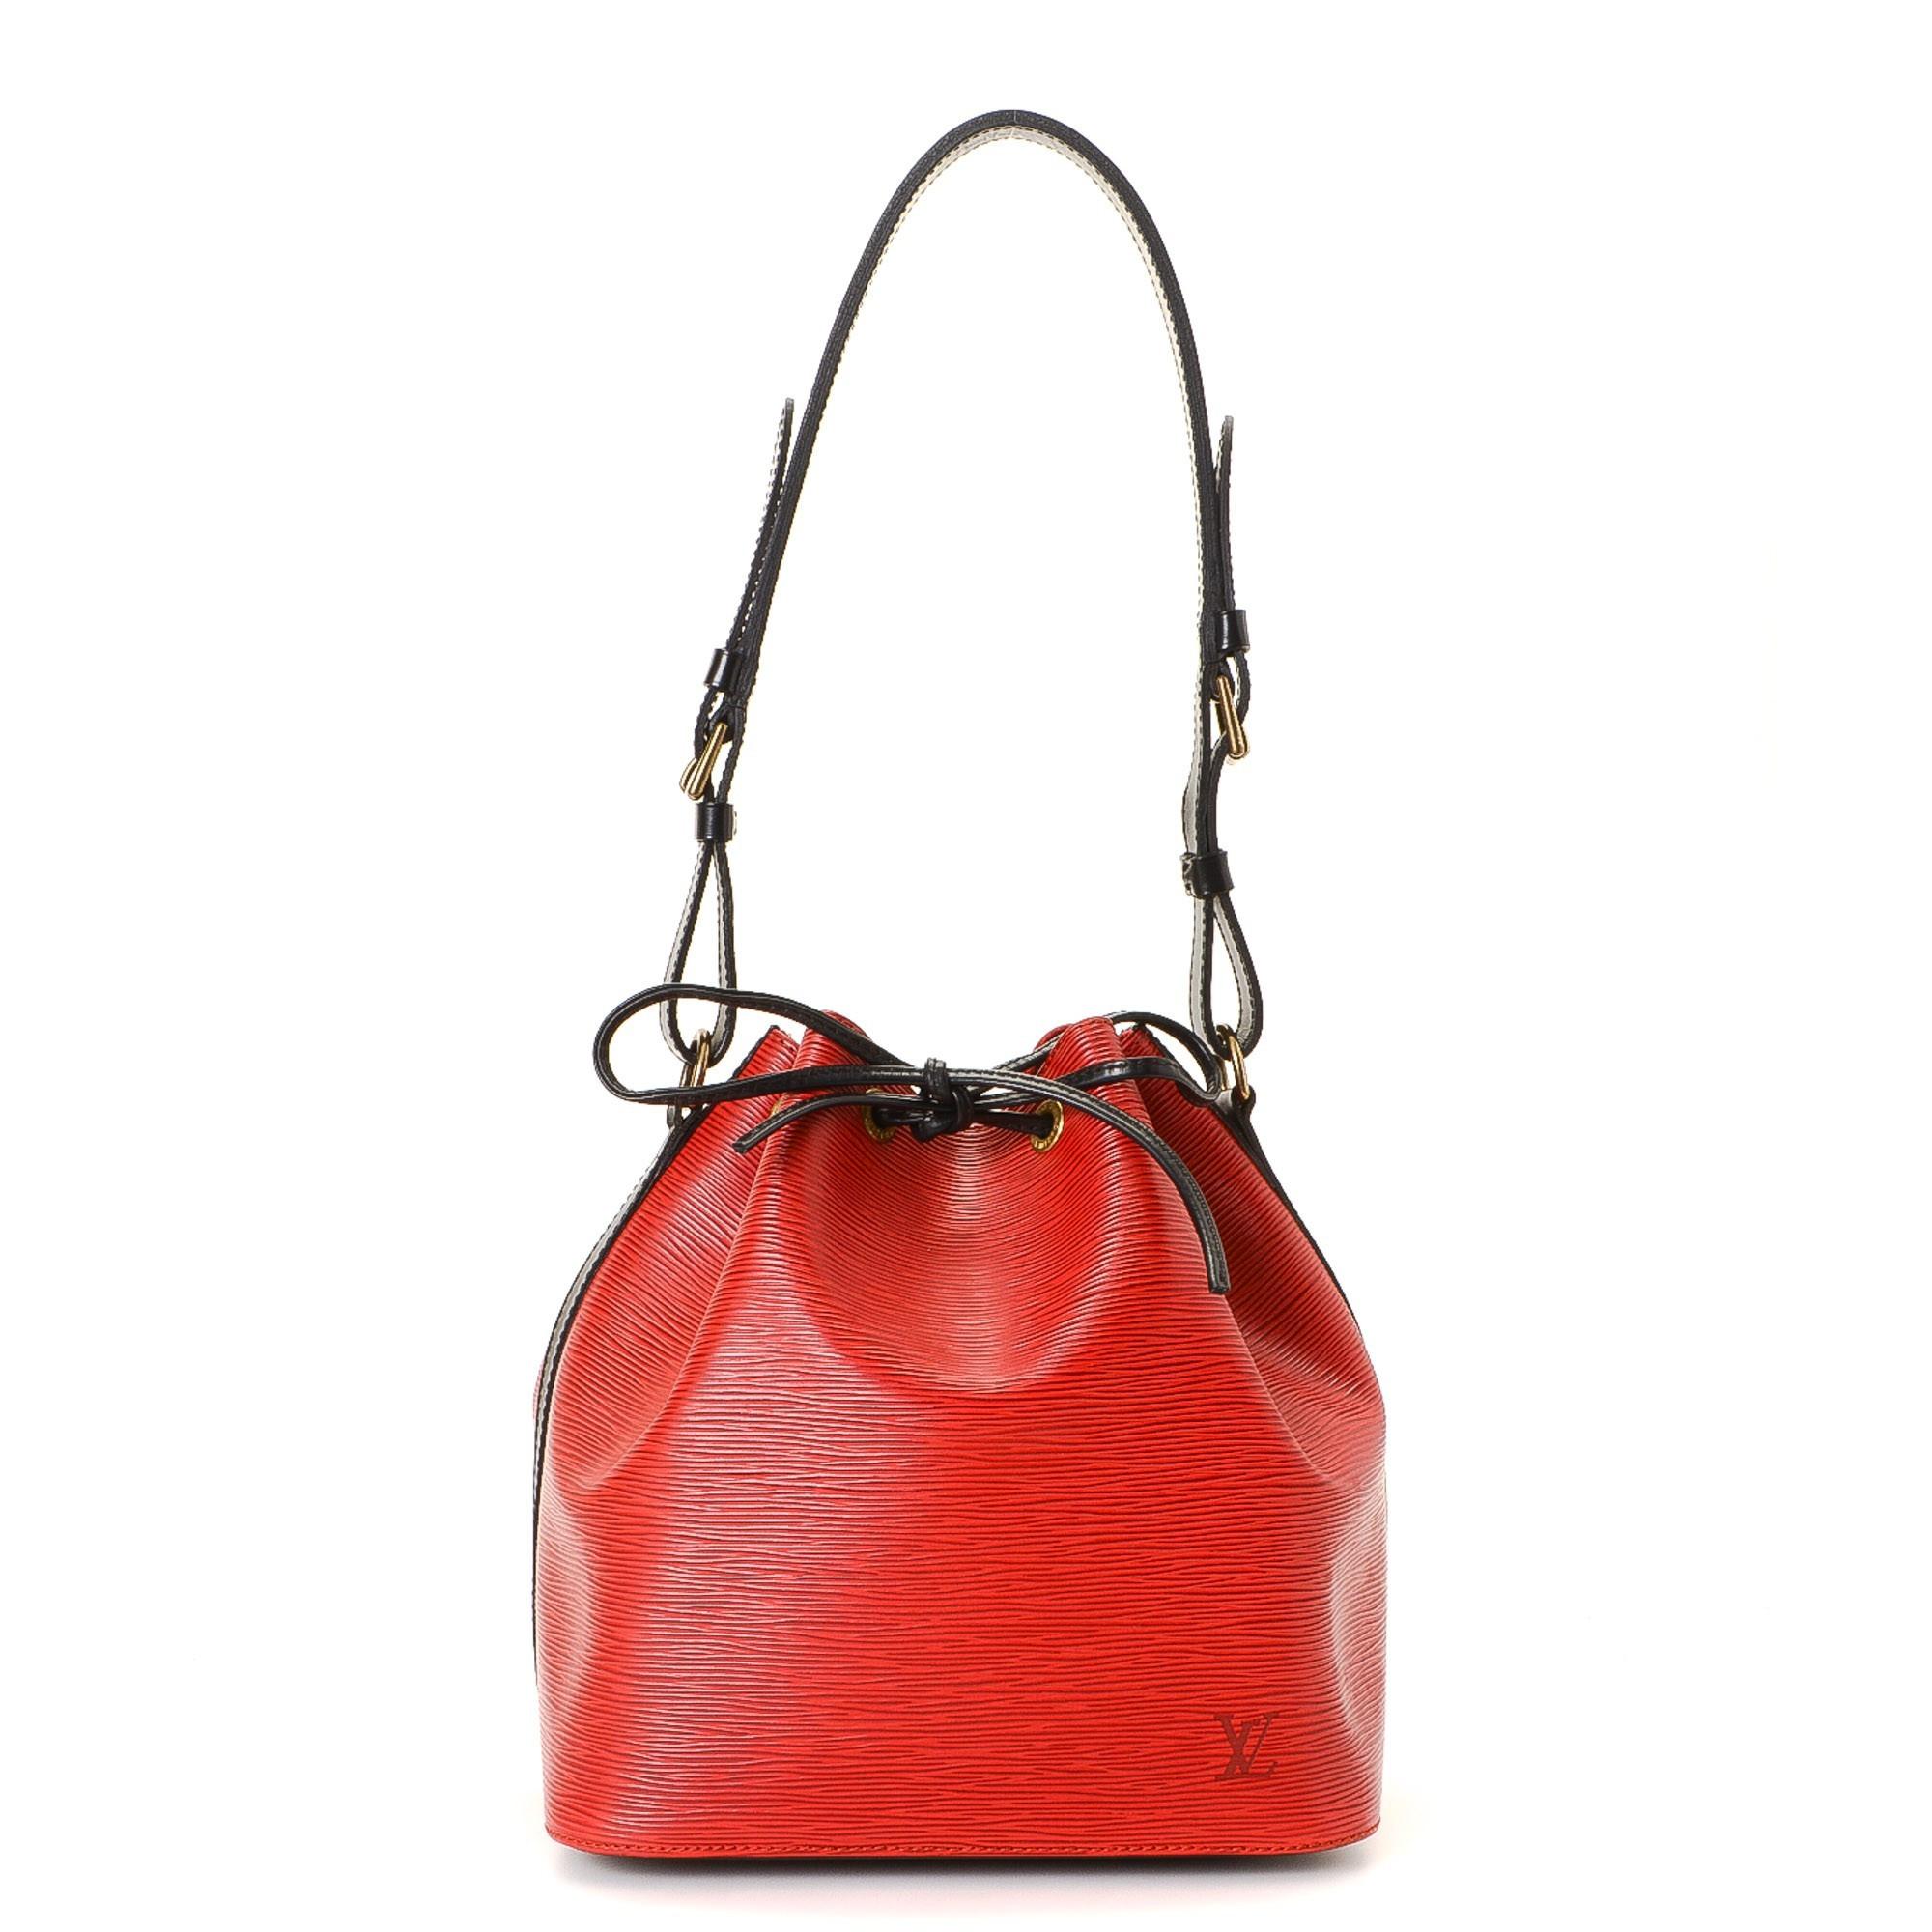 Louis Vuitton Petit Noe Epi Red Leather Shoulder Bag LXRCO